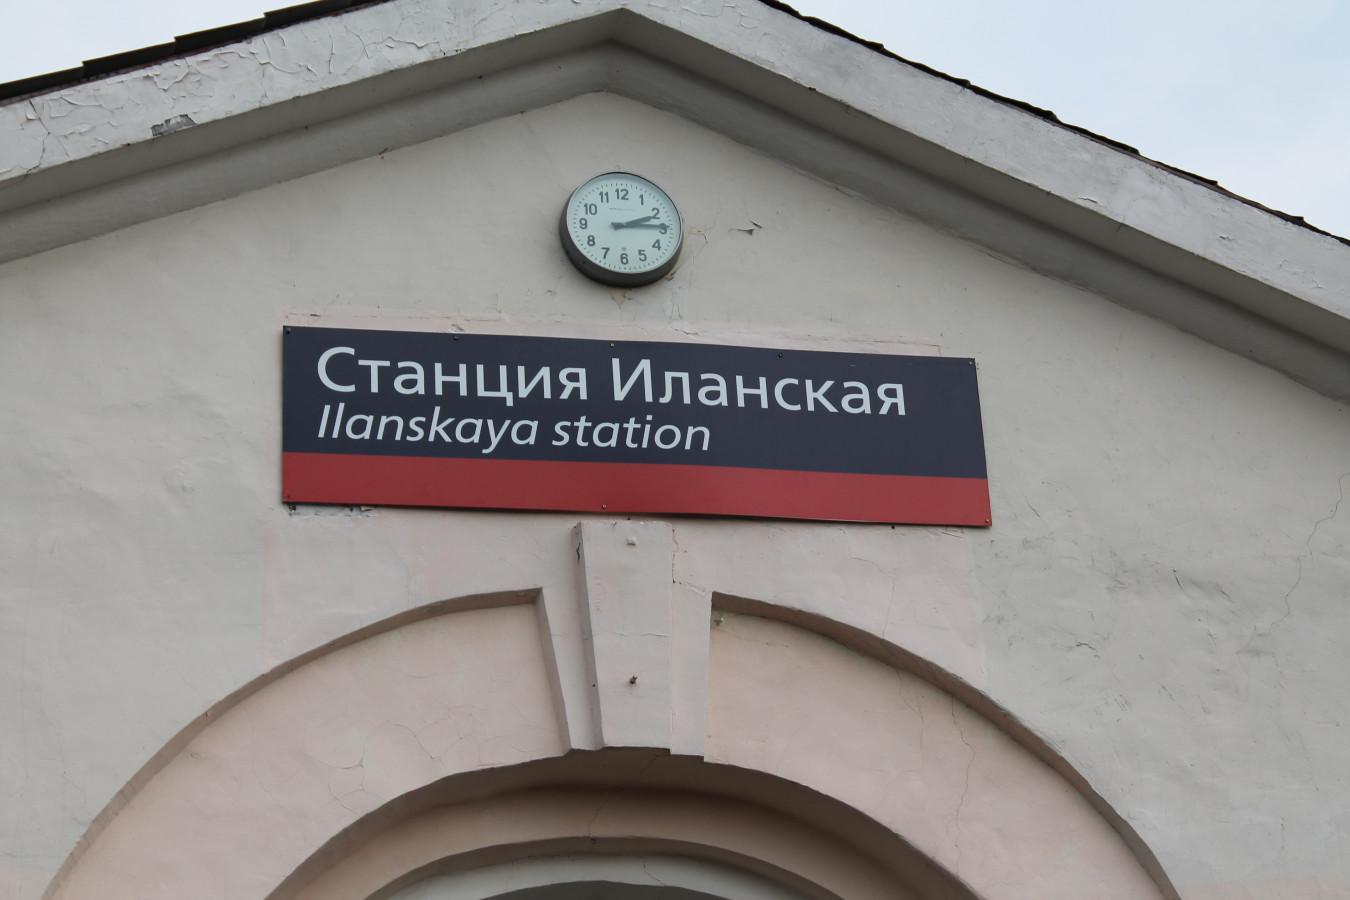 Станция Иланская, 14:15